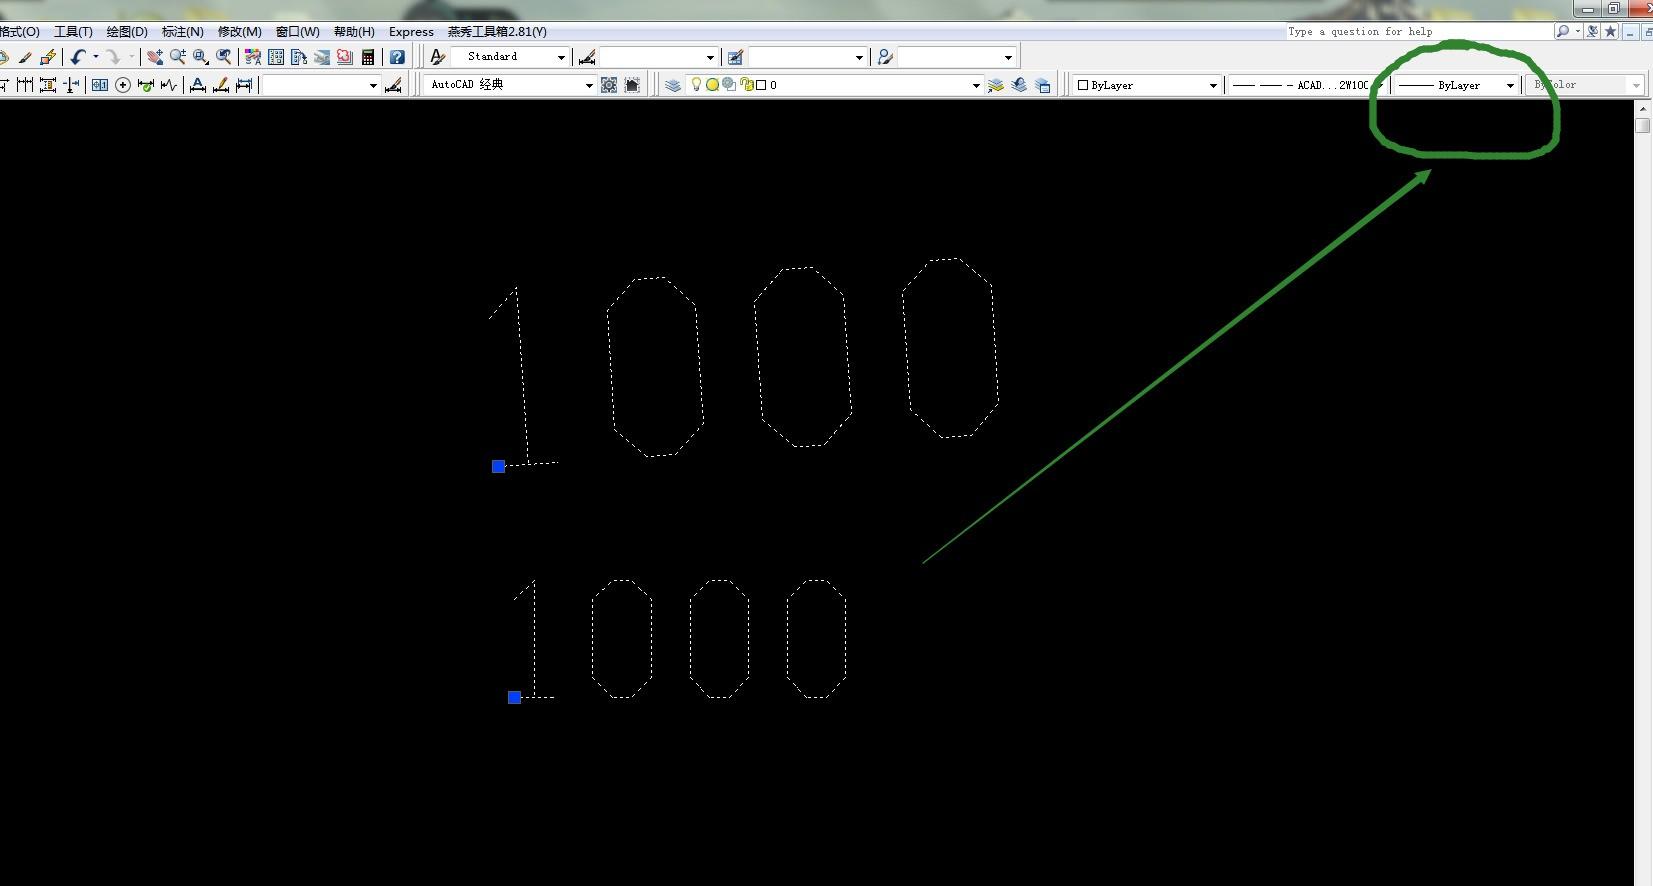 在CAD里单行文字肿么加粗cad交叉删除线图片